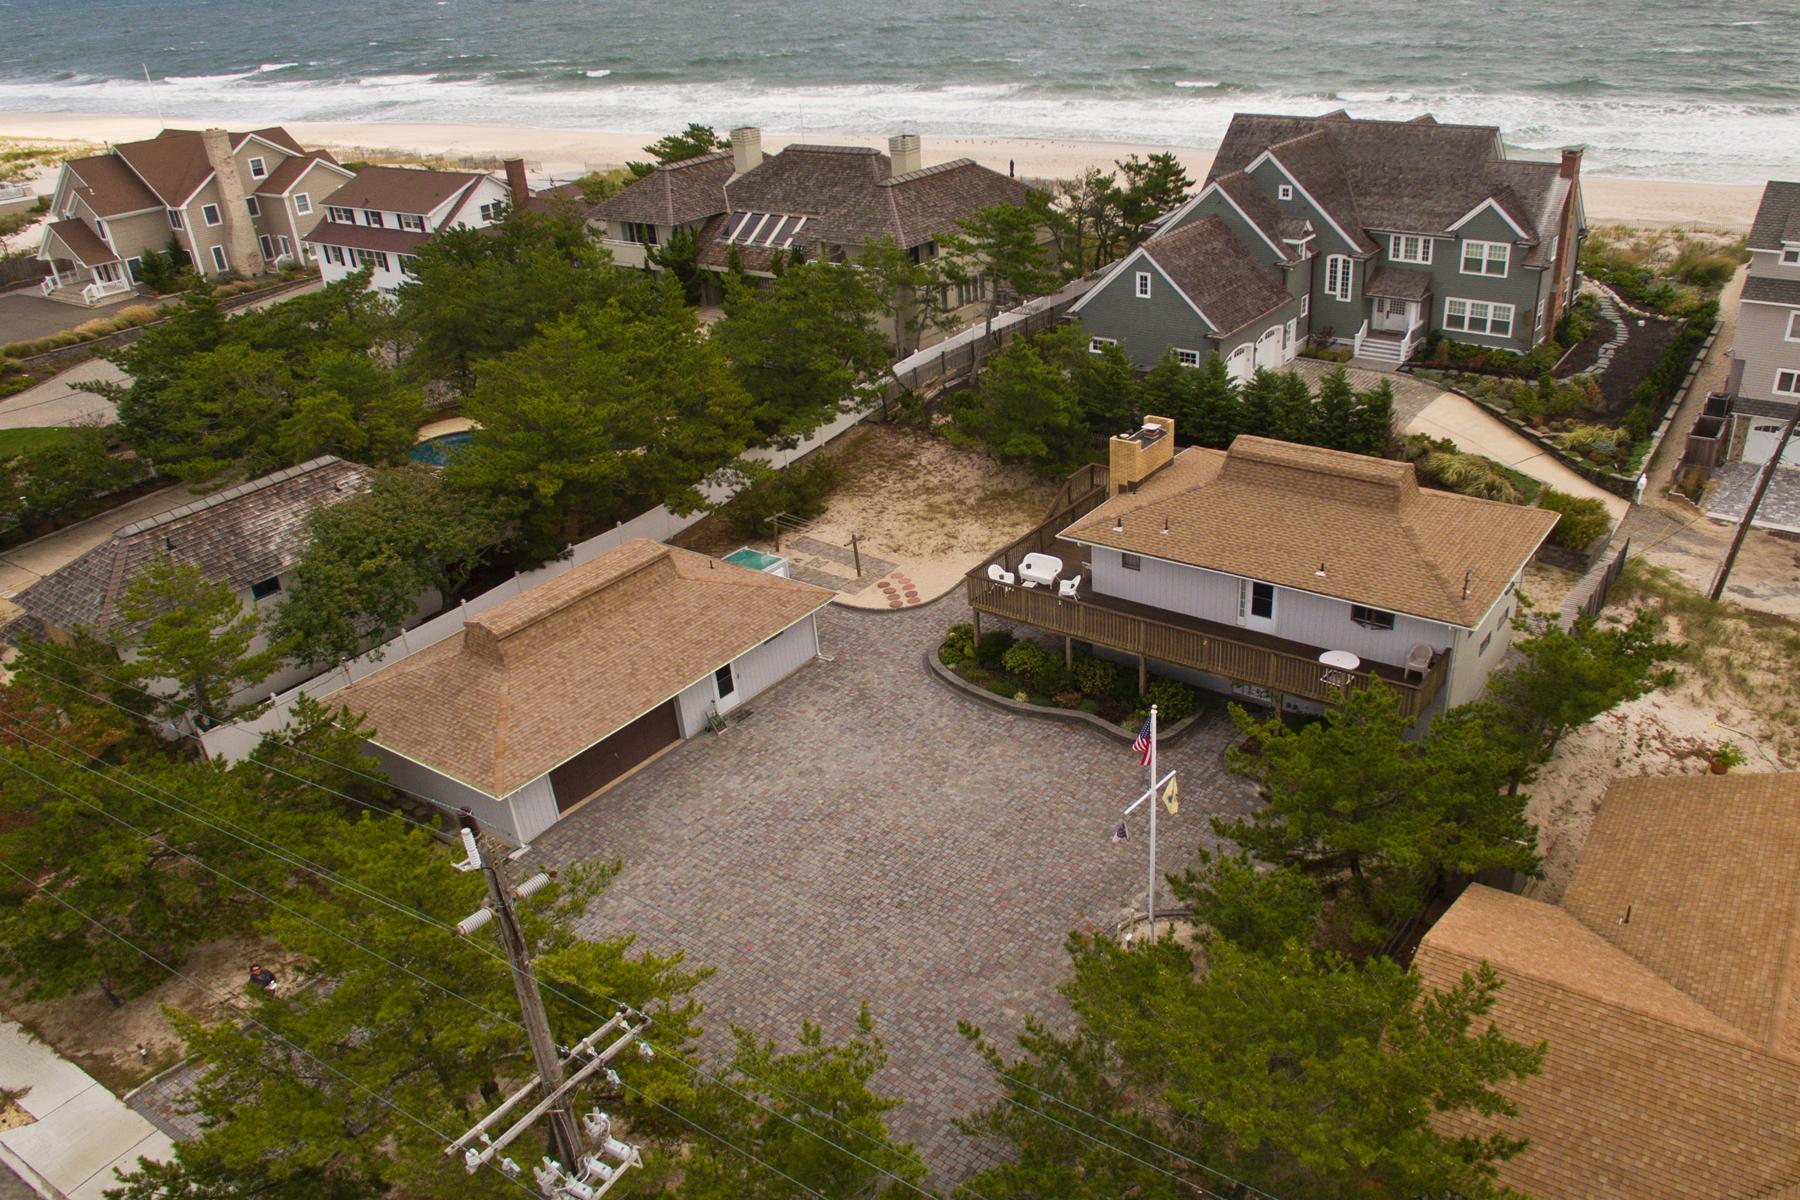 Maison unifamiliale pour l Vente à Estate-Like Setting For This Custom Built Home 1609 Route 35 North Mantoloking, New Jersey, 08738 États-Unis